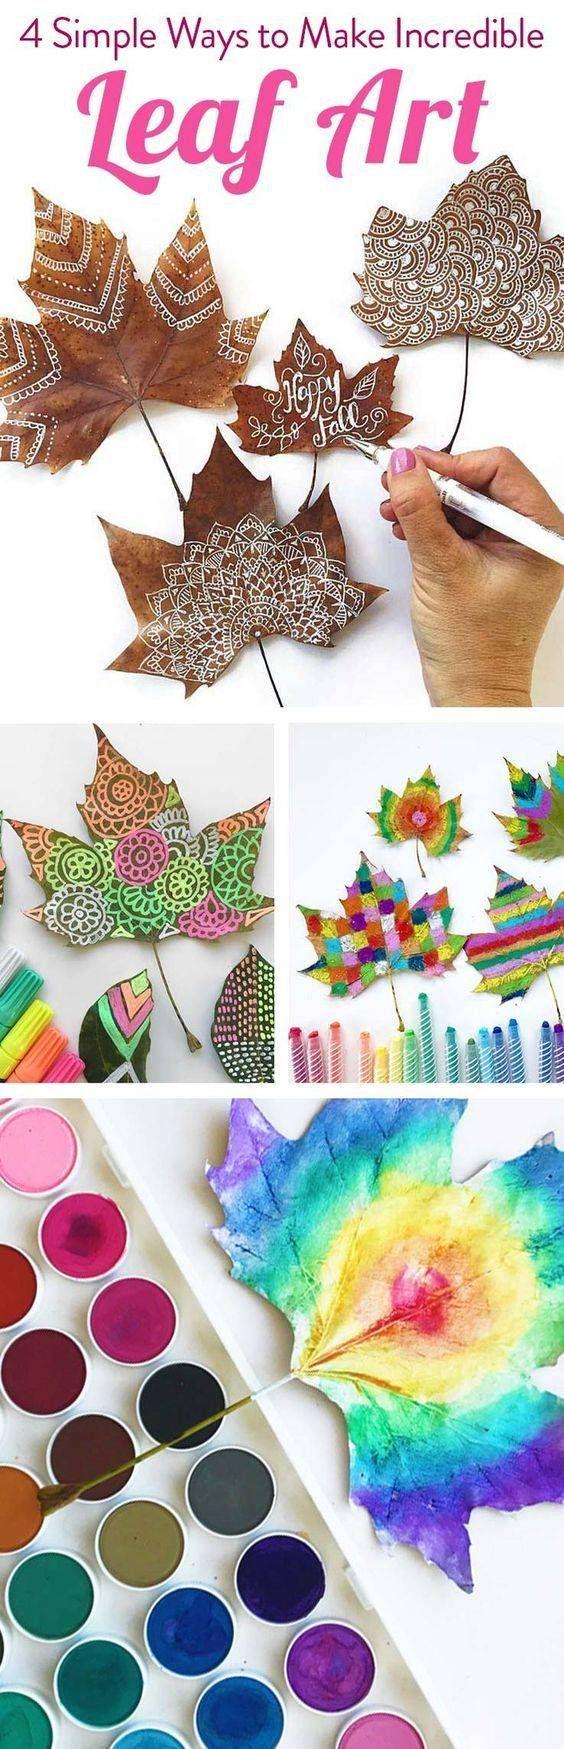 249 best Halloween und Herbst images on Pinterest | Christmas crafts ...